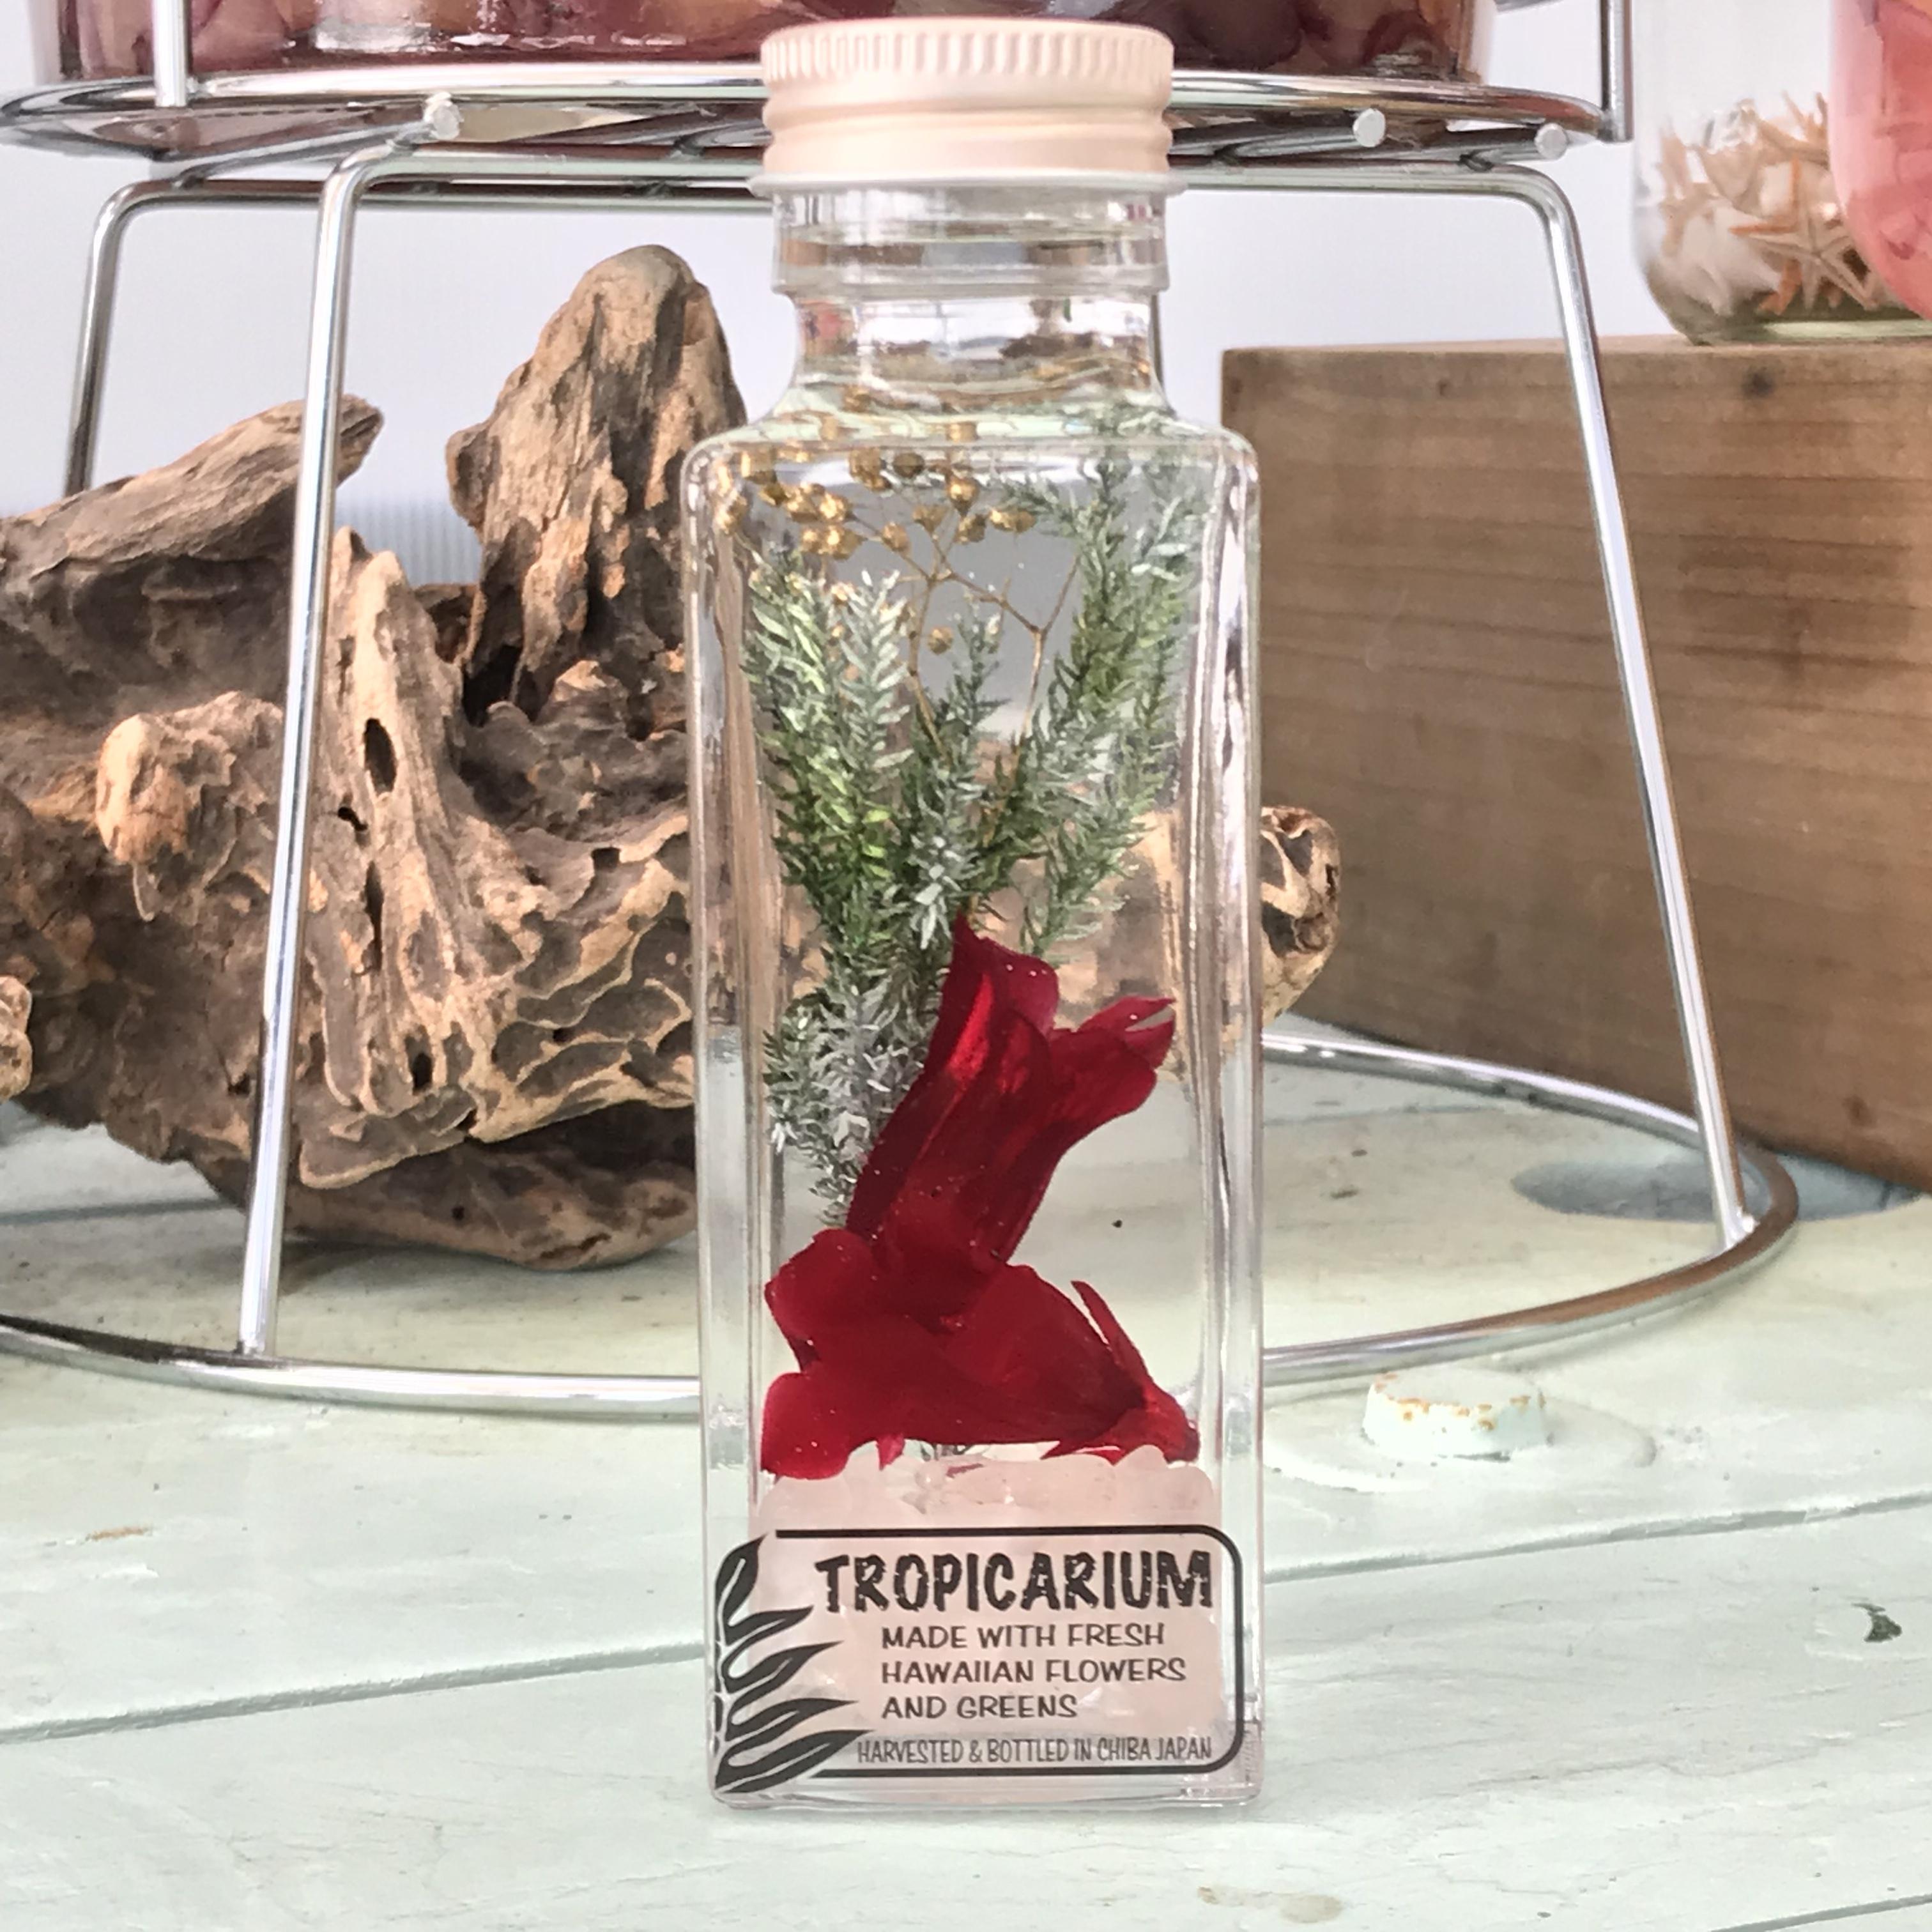 【Walohaなハーバリウム】幸福を呼ぶ星咲きリンドウのトロピカリウム|クラシックレッド・紅水晶(スクエアボトル・プリザーブド・ローズクオーツ使用)